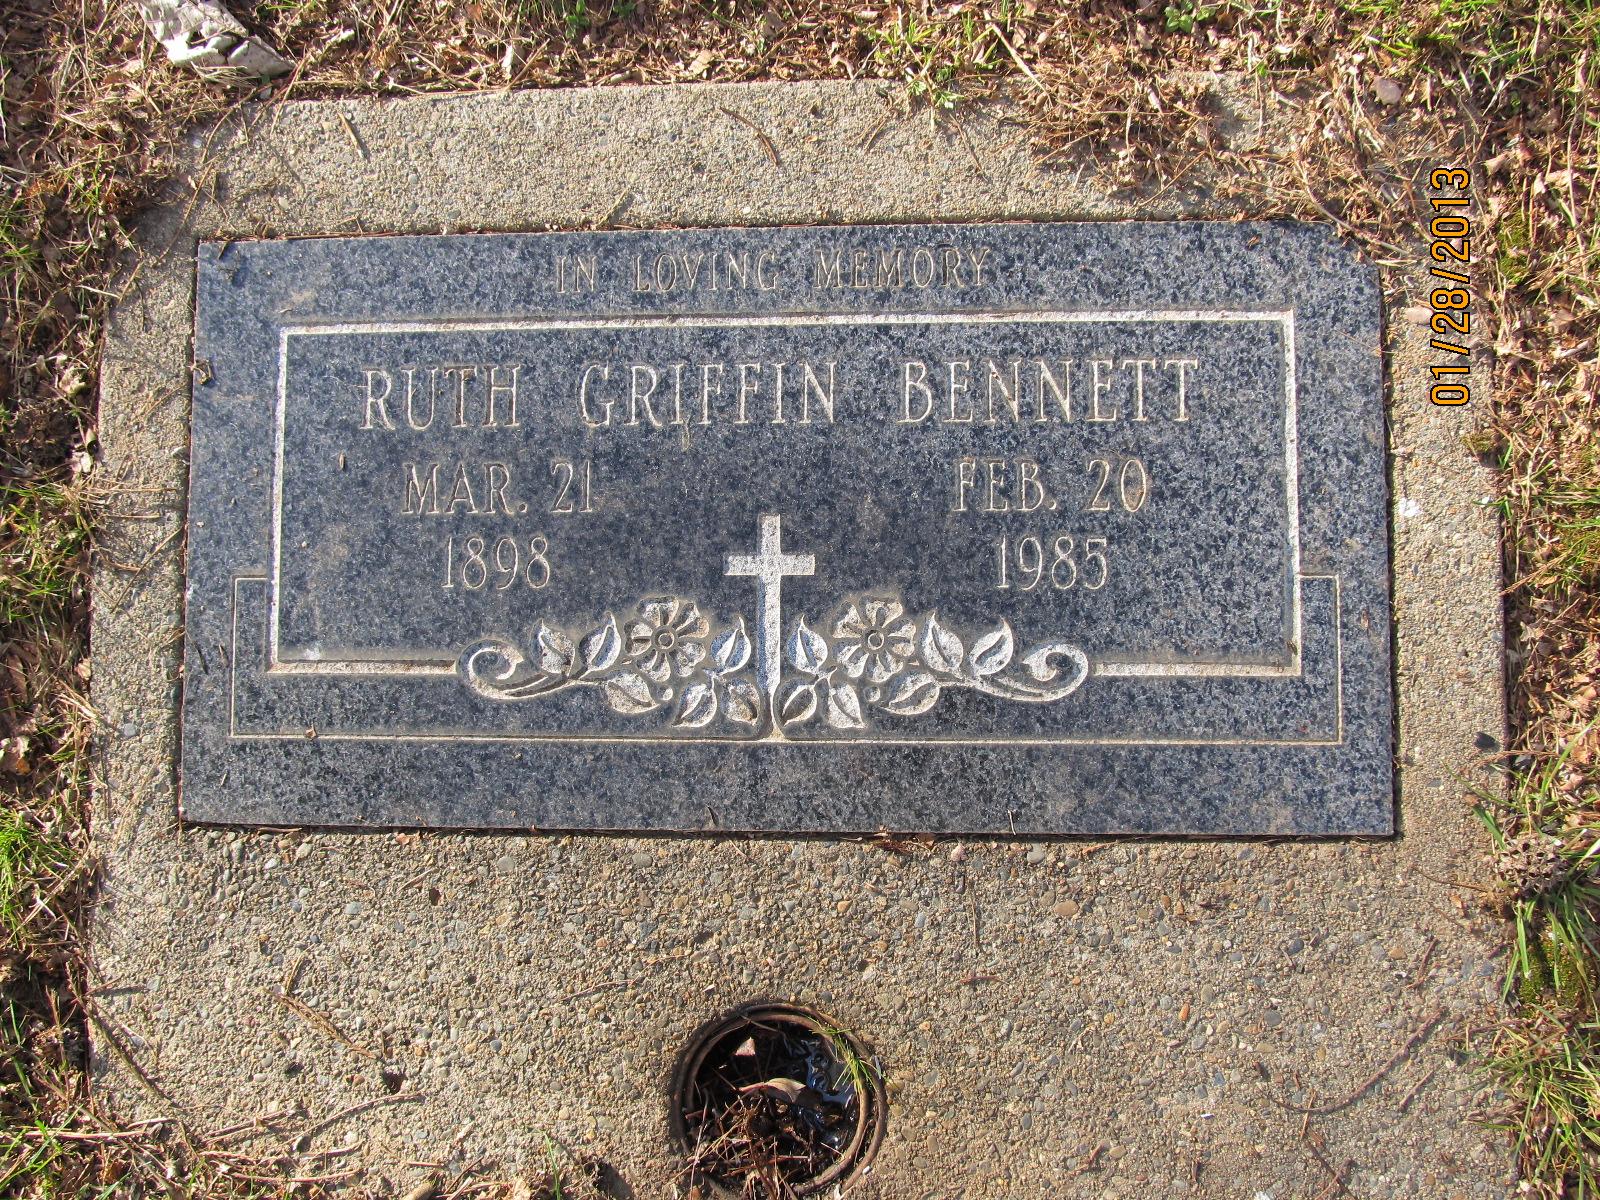 Ruth <i>Griffin</i> Bennett